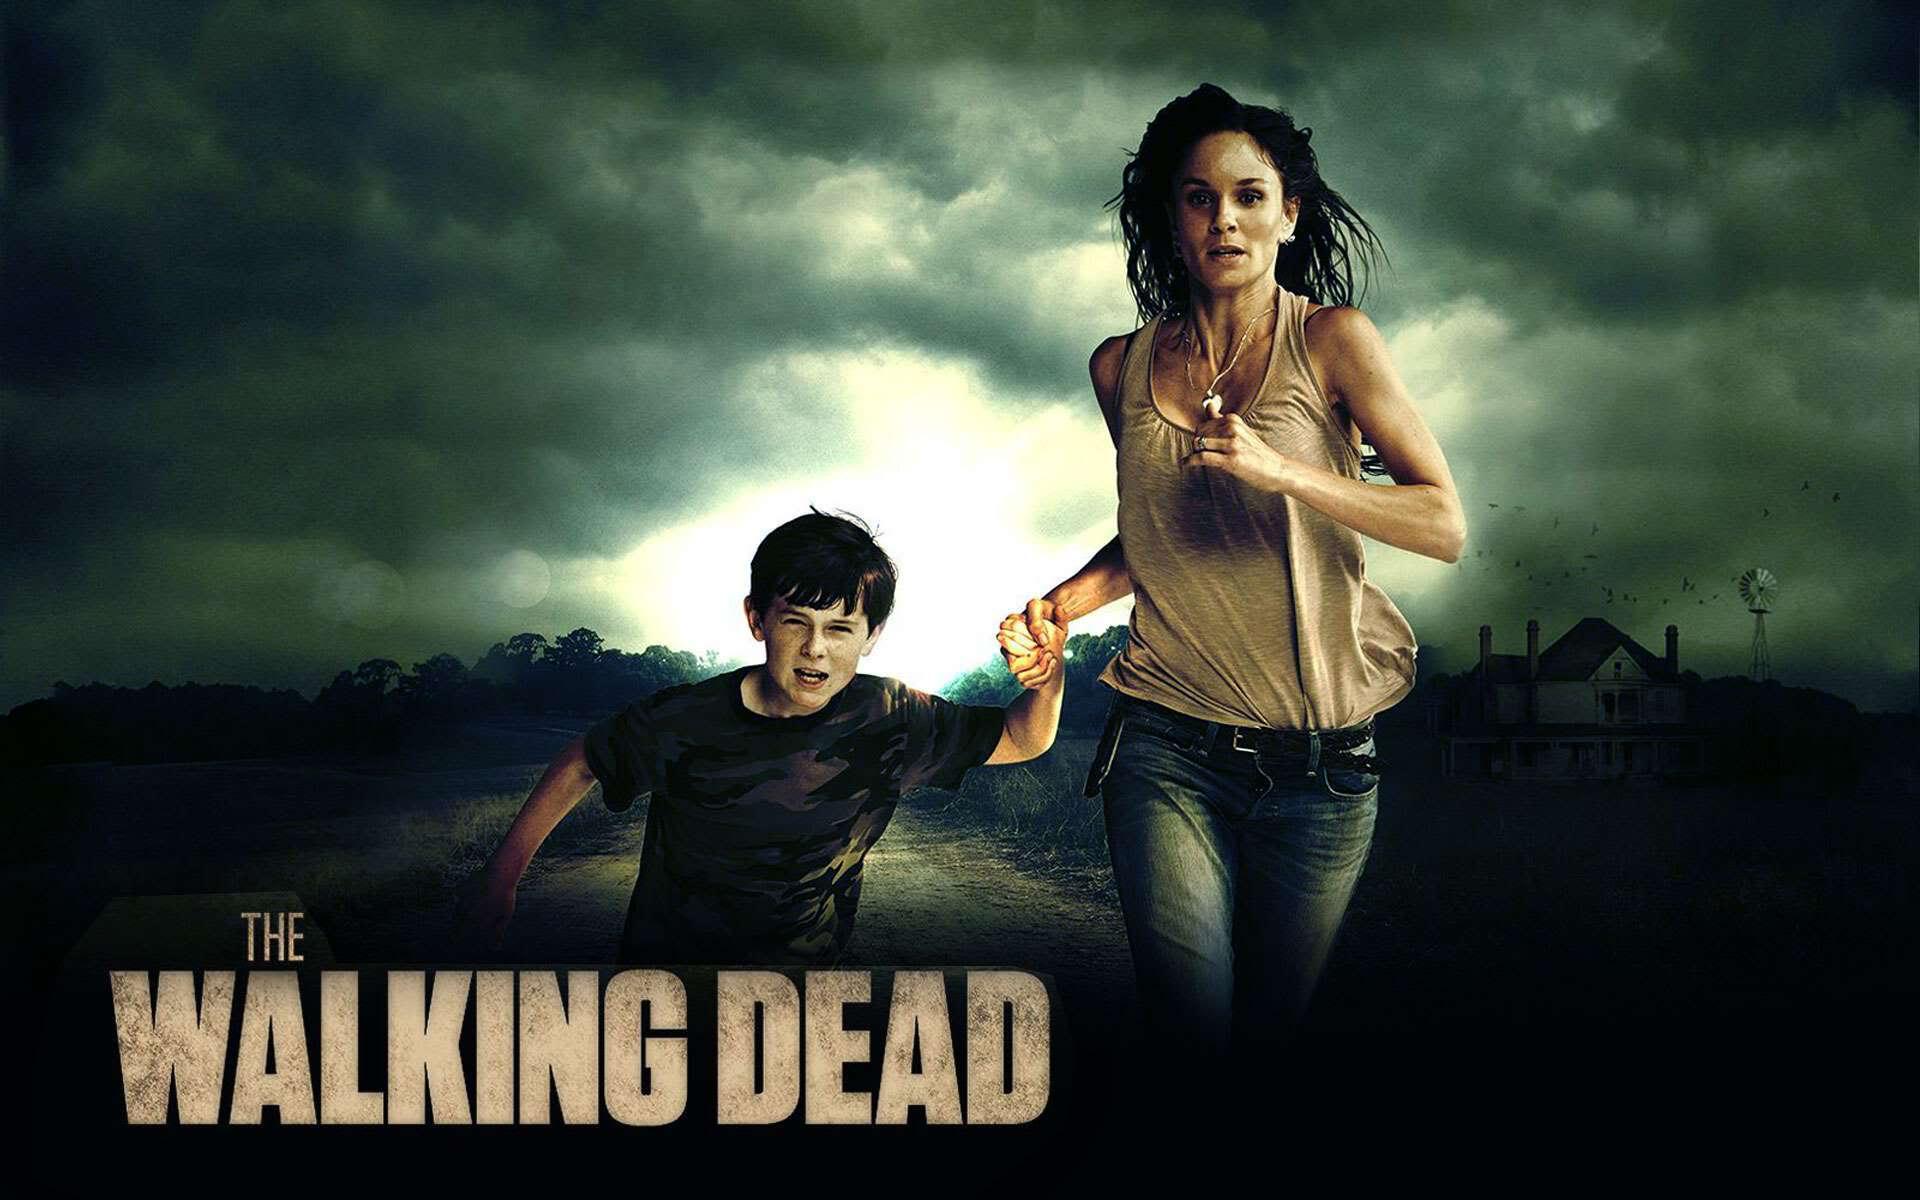 The Walking Dead wallpaper 9